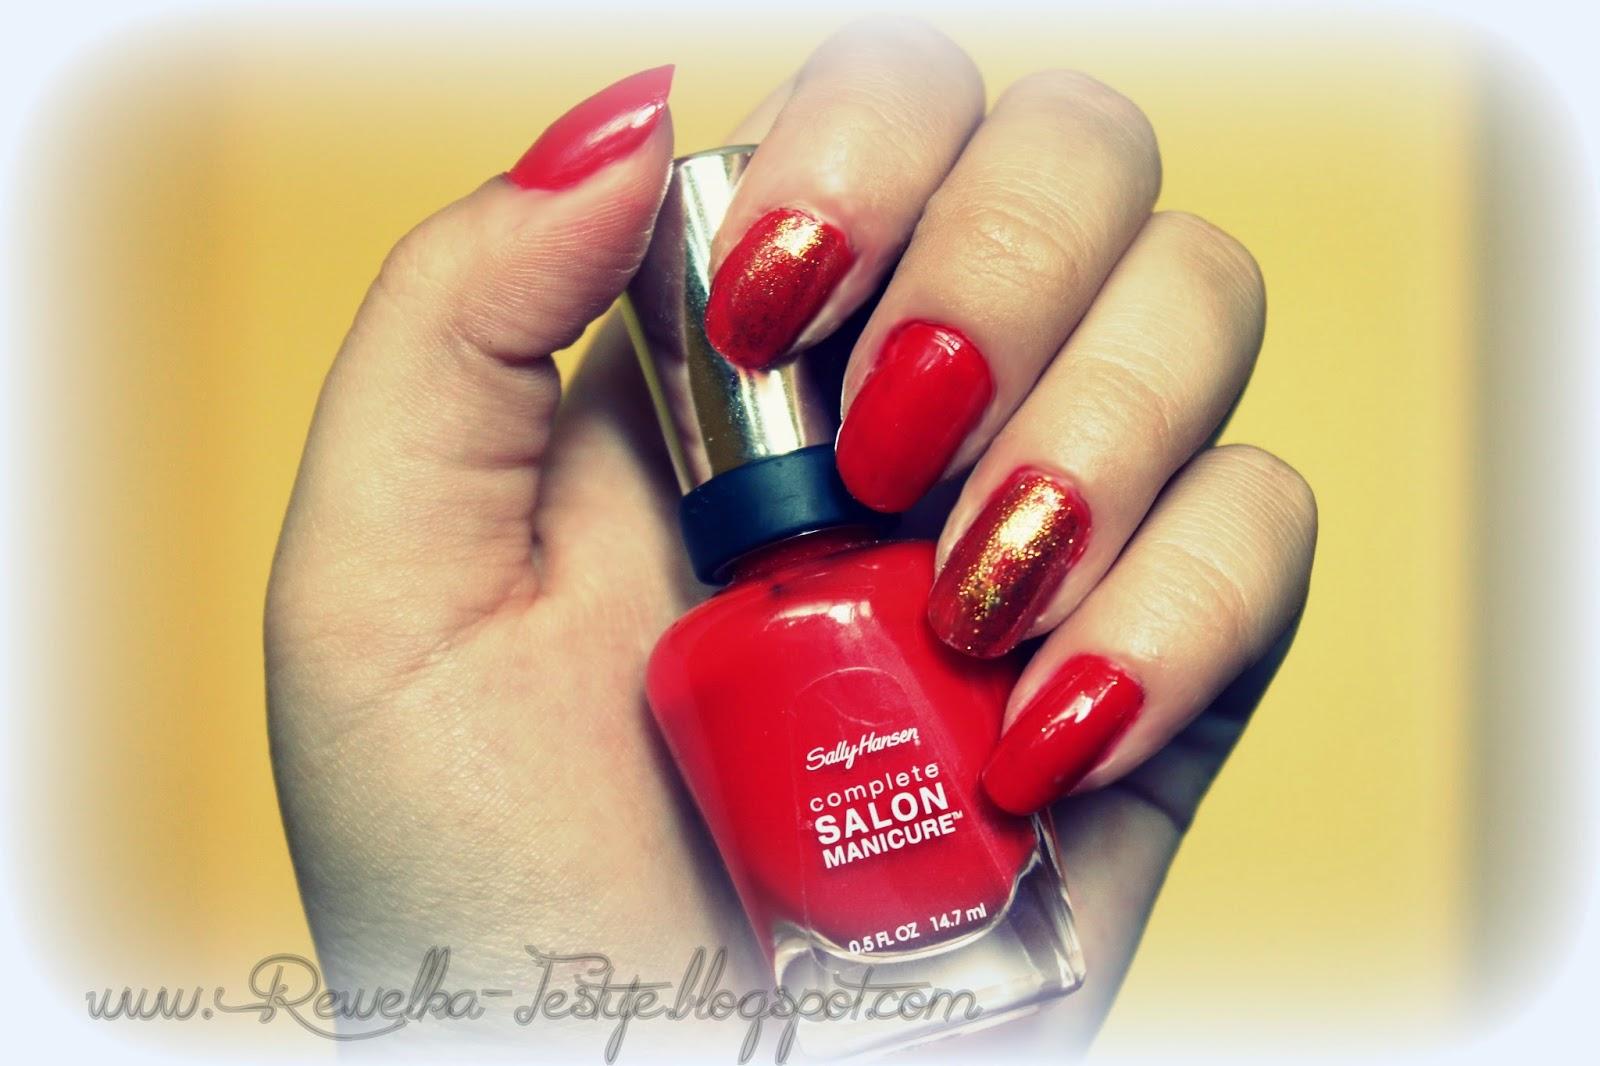 Sally Hansen Salon Manicure - zdecydowanie TAK :)